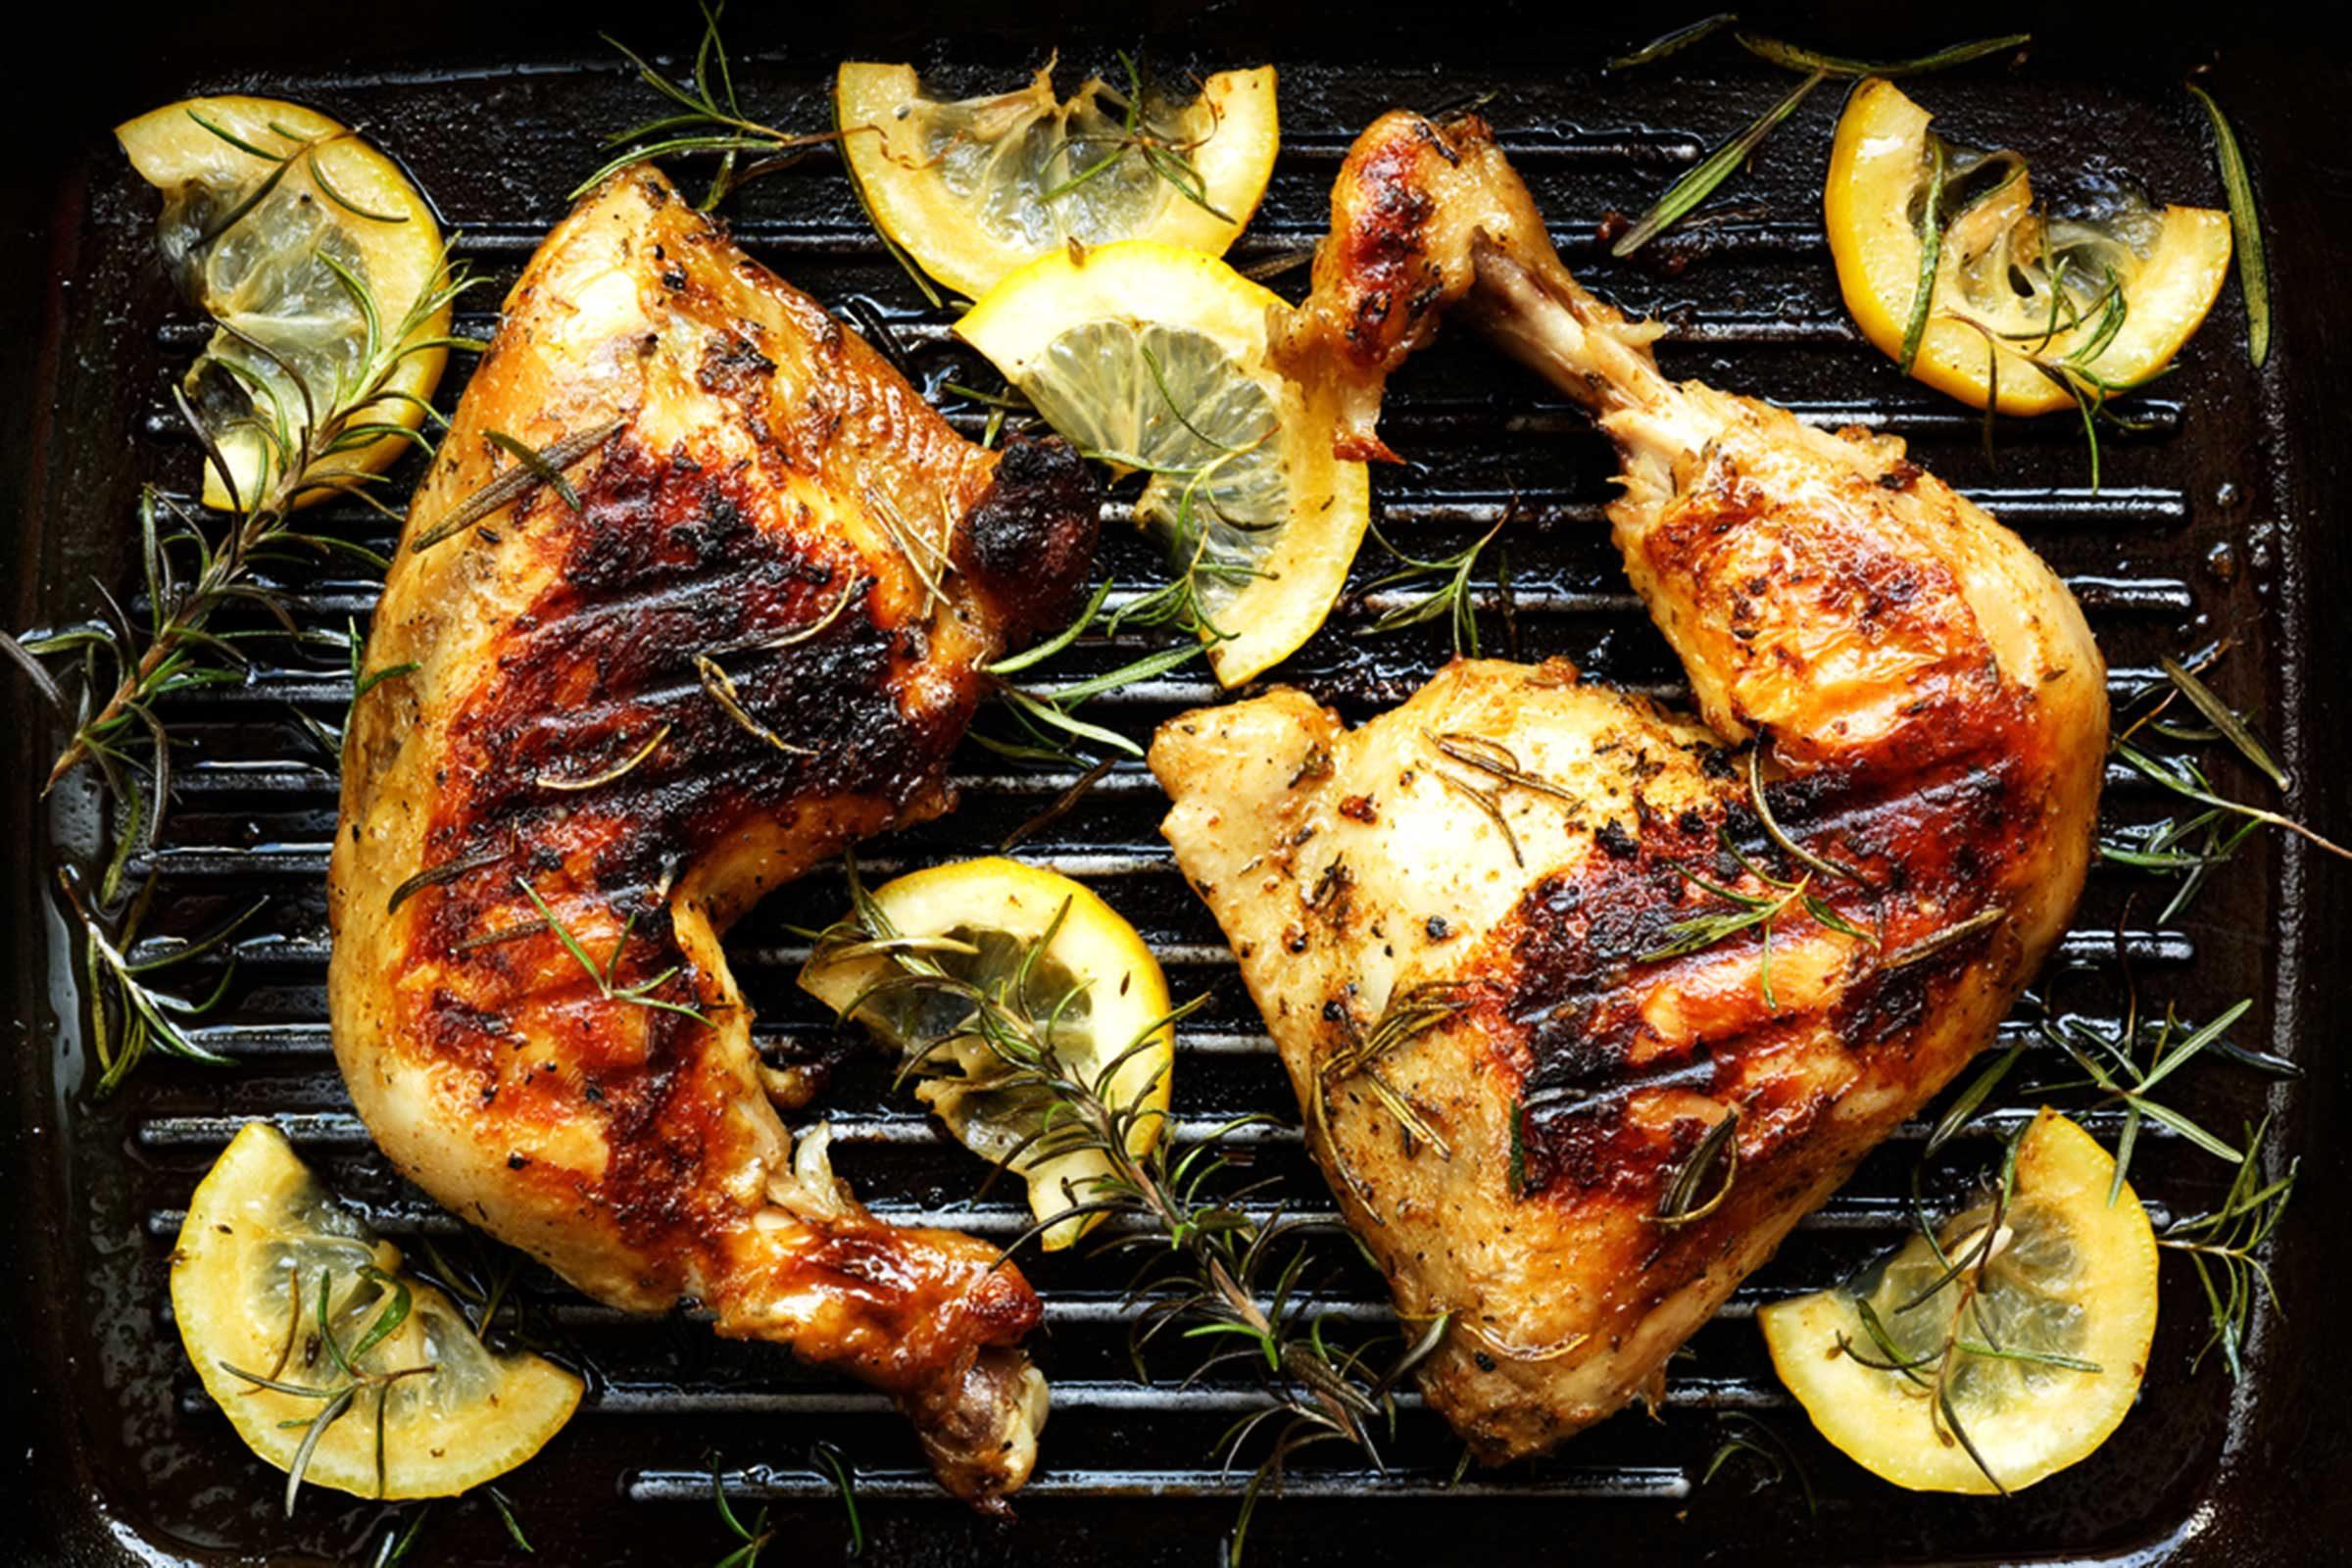 Erreur en cuisine : Vous ne laissez pas reposer la viande cuite